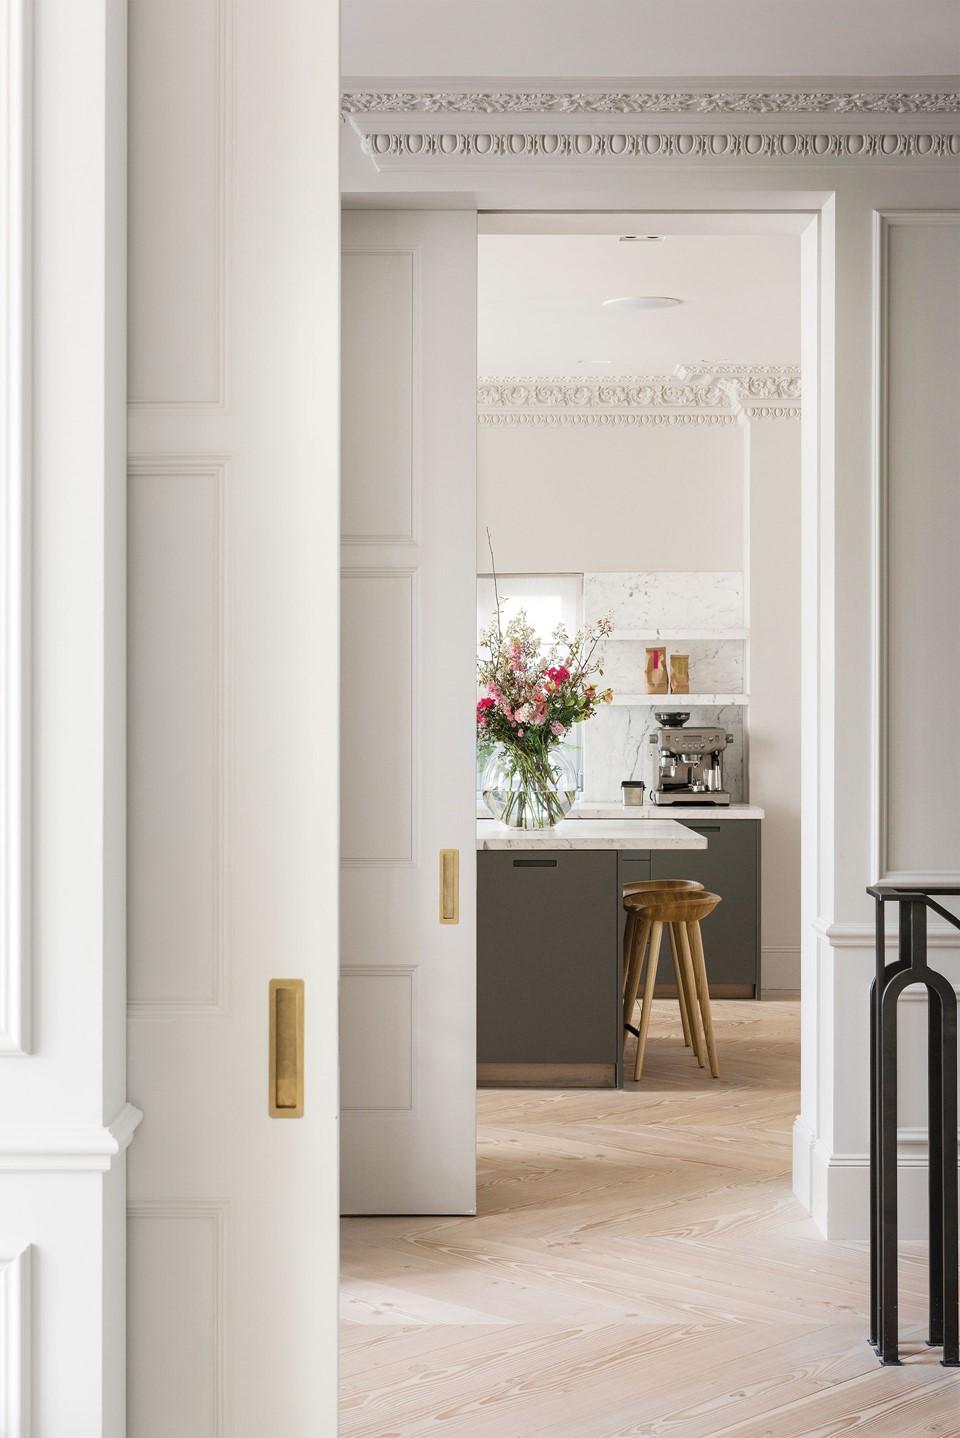 douglas-flooring-chevron_lye-white-soap_landsdowne-road_livingroom_dinesen.jpg